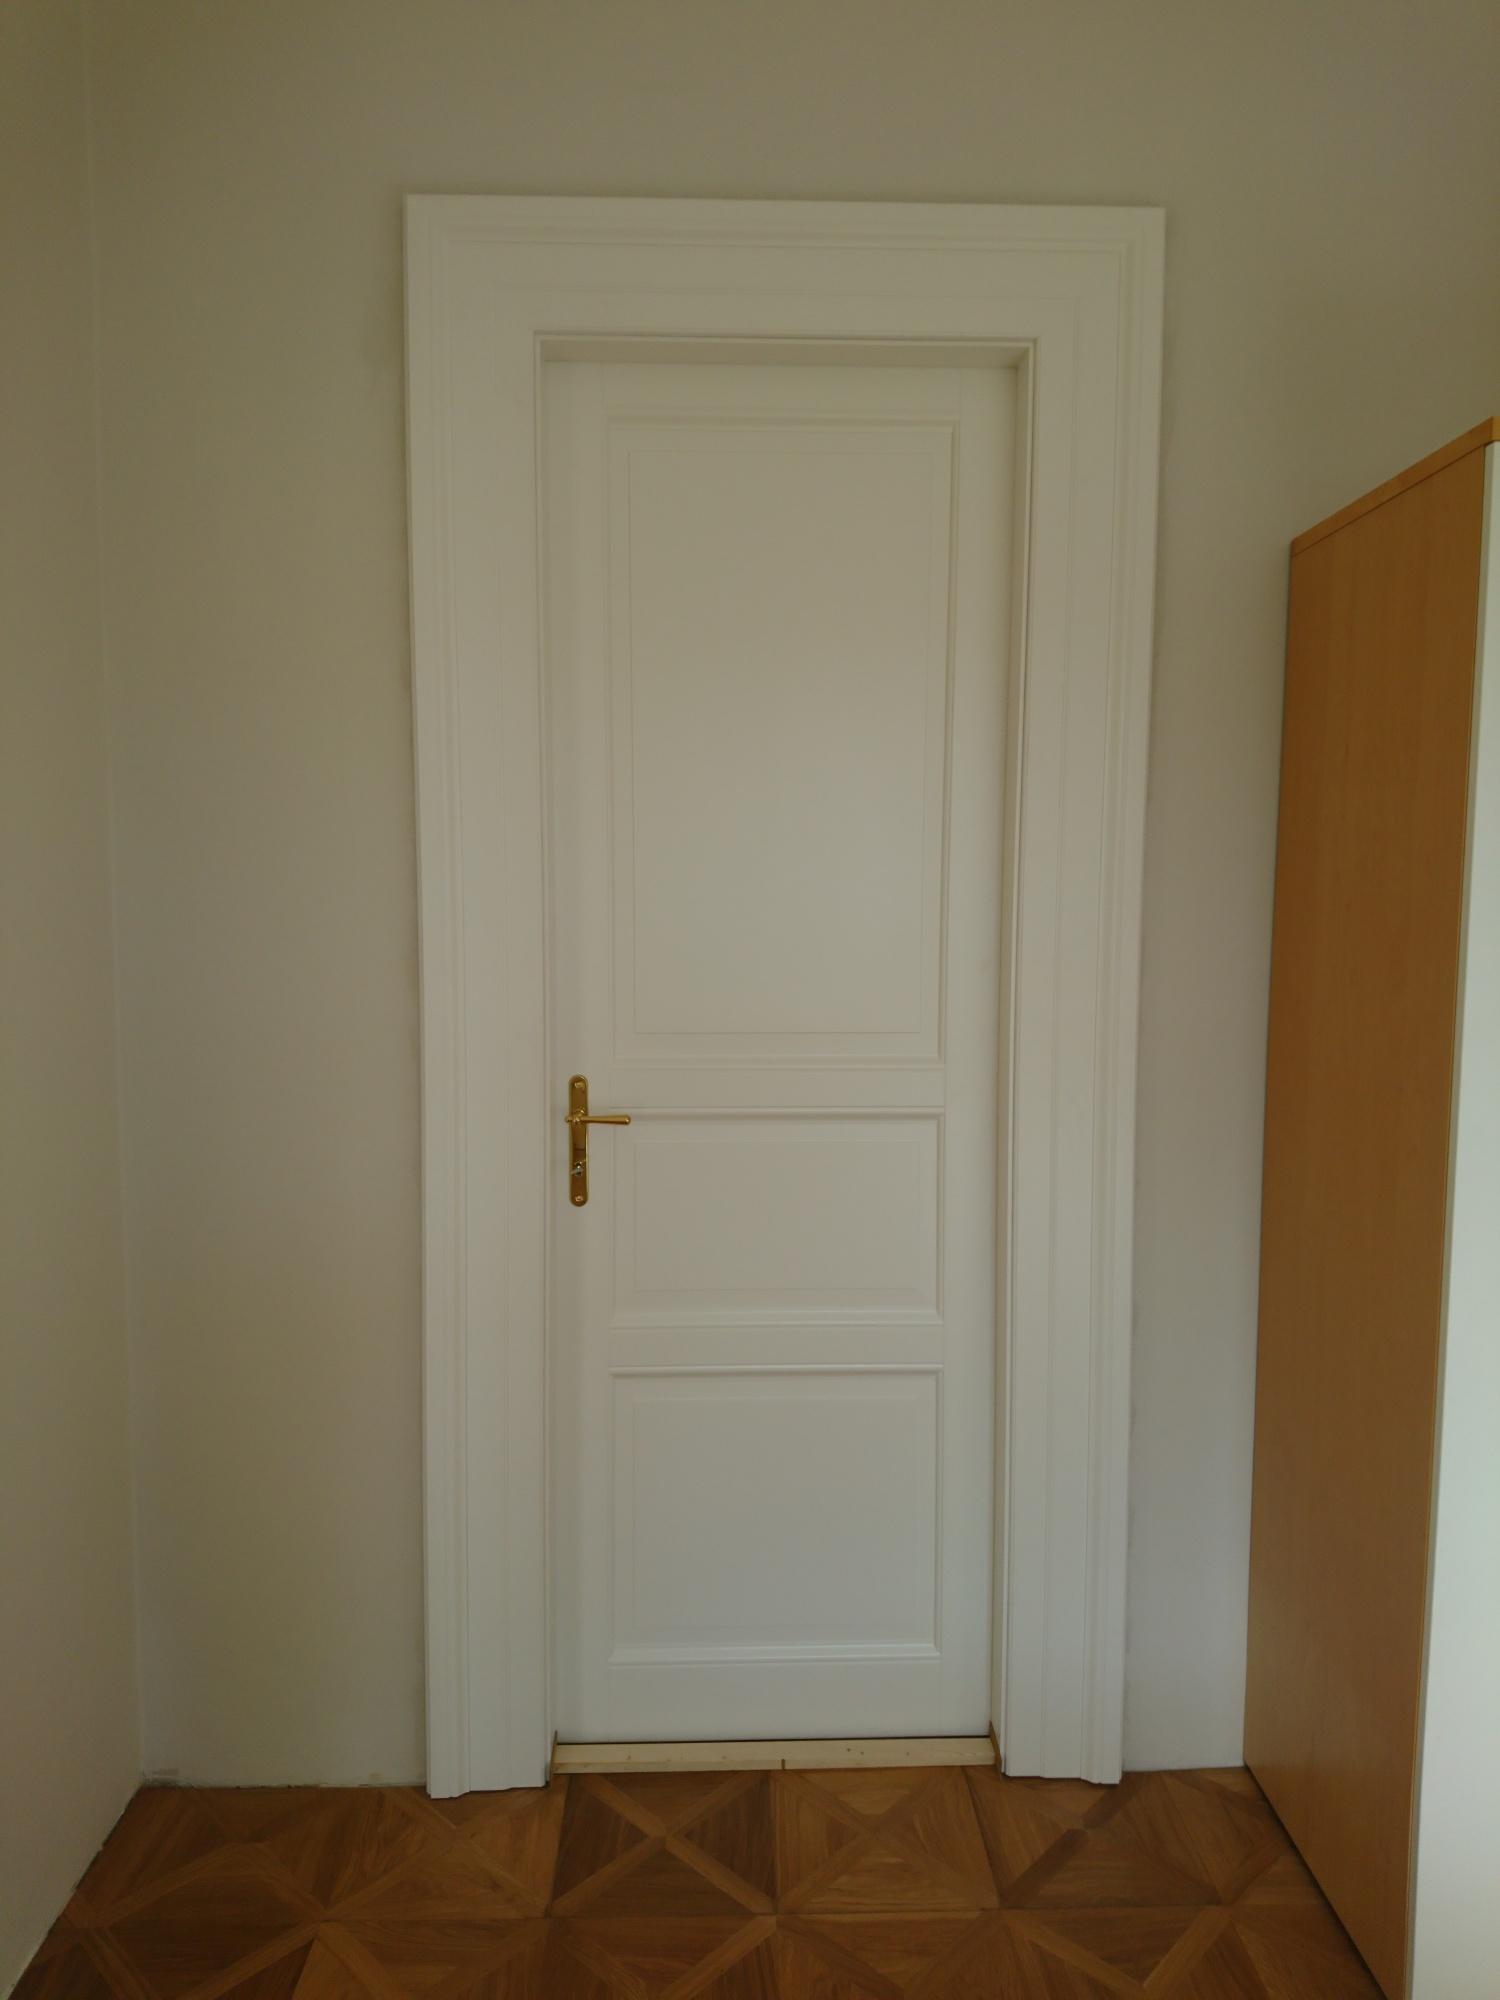 d3f1ea5b2 Dřevěné interiérové dveře - Truhlářství Halamka